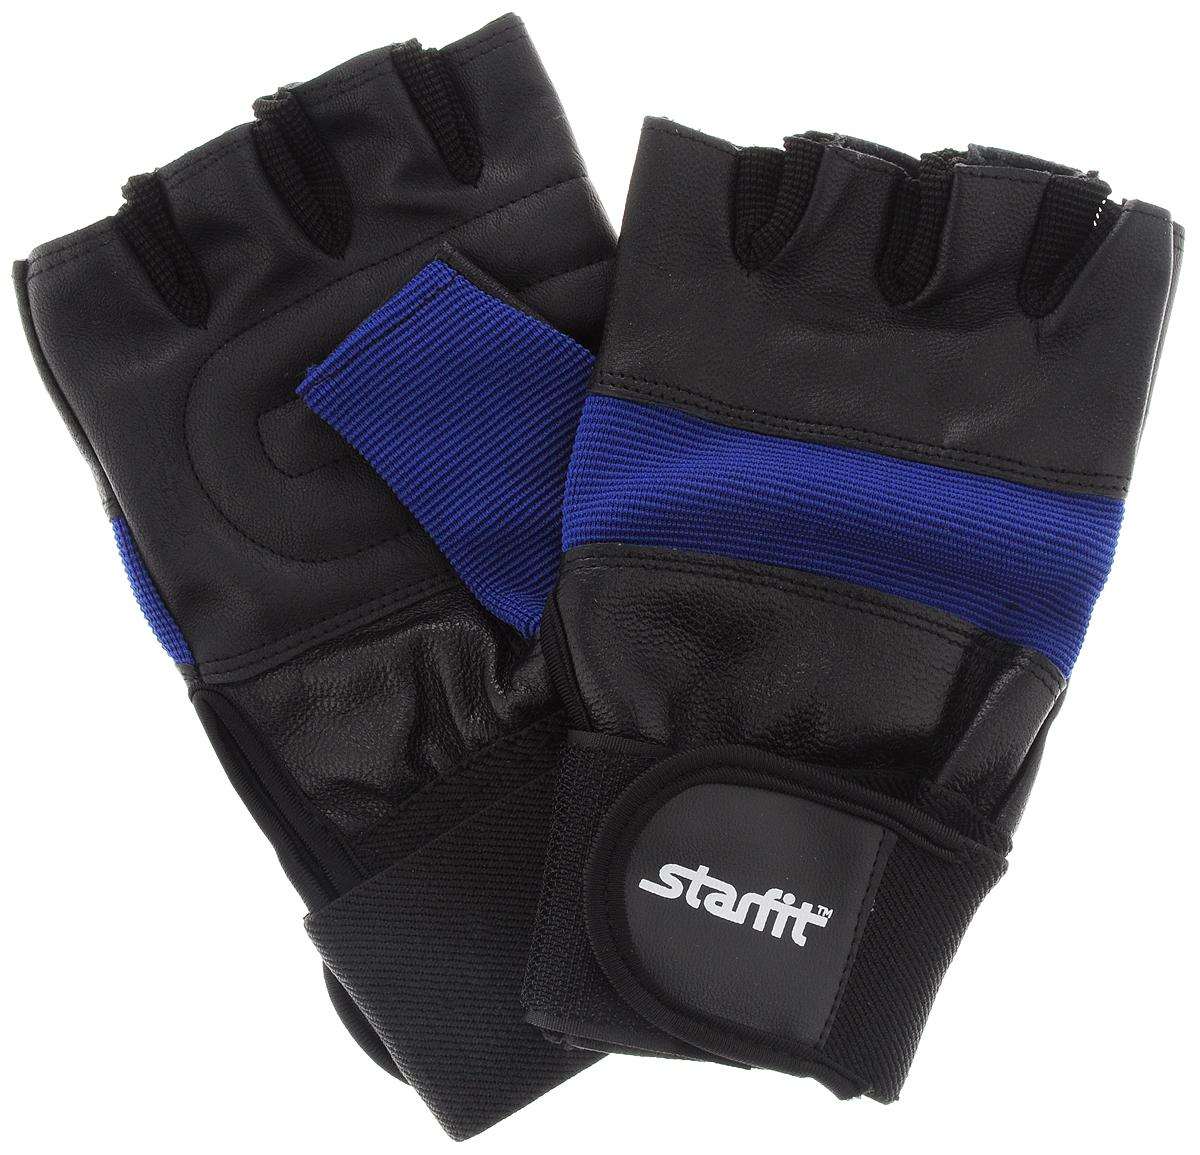 Перчатки атлетические Starfit SU-109, цвет: синий, черный. Размер SУТ-00008328Атлетические перчатки Star Fit SU-109 - это модель с поддержкой запястья. Они необходимы для безопасной тренировки со снарядами (грифы, гантели), во время подтягиваний и отжиманий. Перчатки минимизируют риск мозолей и ссадин на ладонях. Перчатки выполнены из нейлона, искусственной кожи, полиэстера и эластана. В рабочей части имеется вставка из тонкого поролона, обеспечивающего комфорт при тренировках. Размер перчатки (без учета большого пальца): 17,7 х 9,5 см.